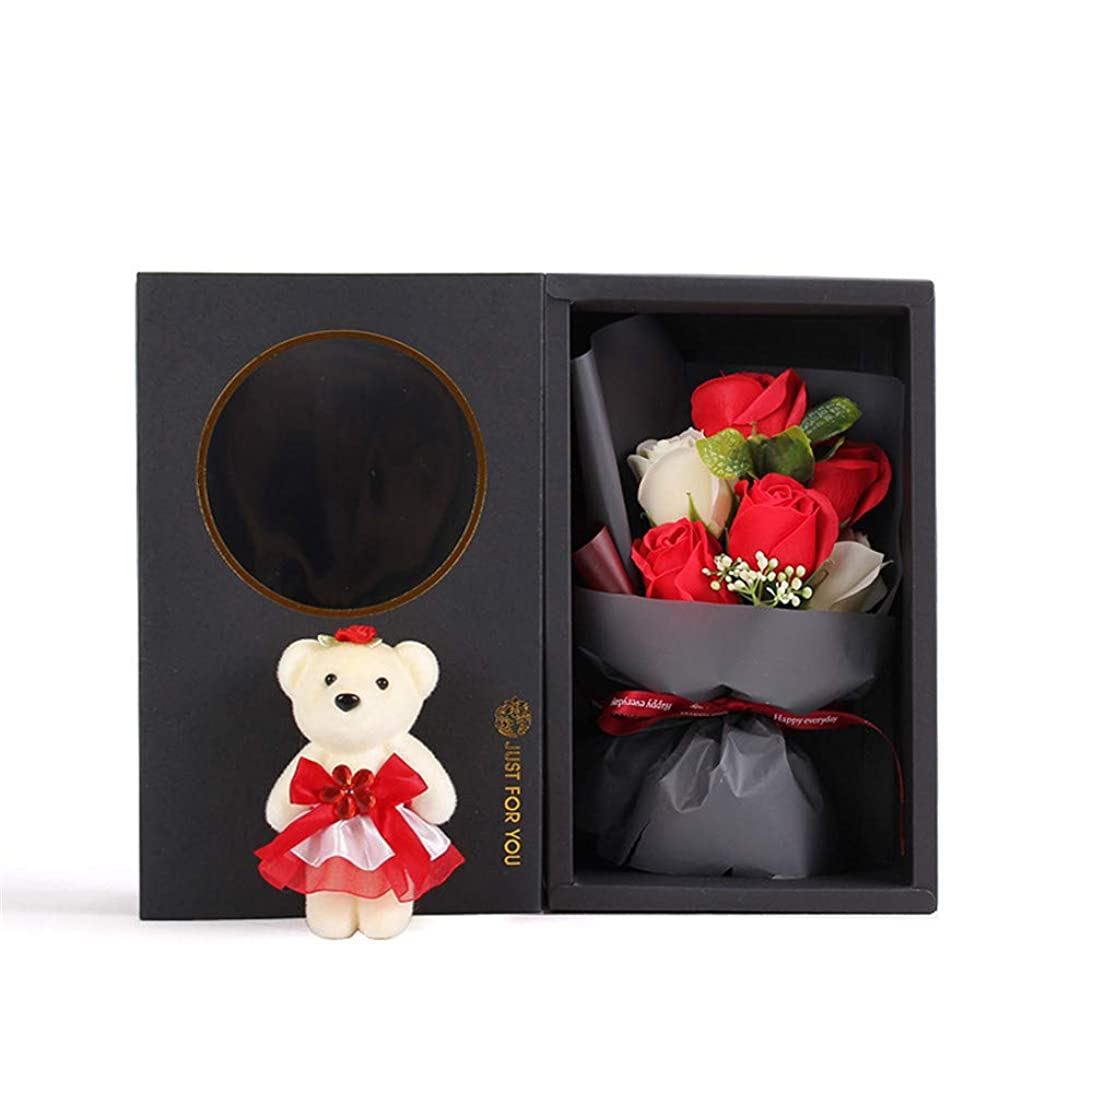 ジョグ飛行機貨物手作り6石鹸花の花束ギフトボックス、女性のためのギフトあなたがバレンタインデー、母の日、結婚式、クリスマス、誕生日を愛した女の子(ベアカラーランダム) (色 : 赤)